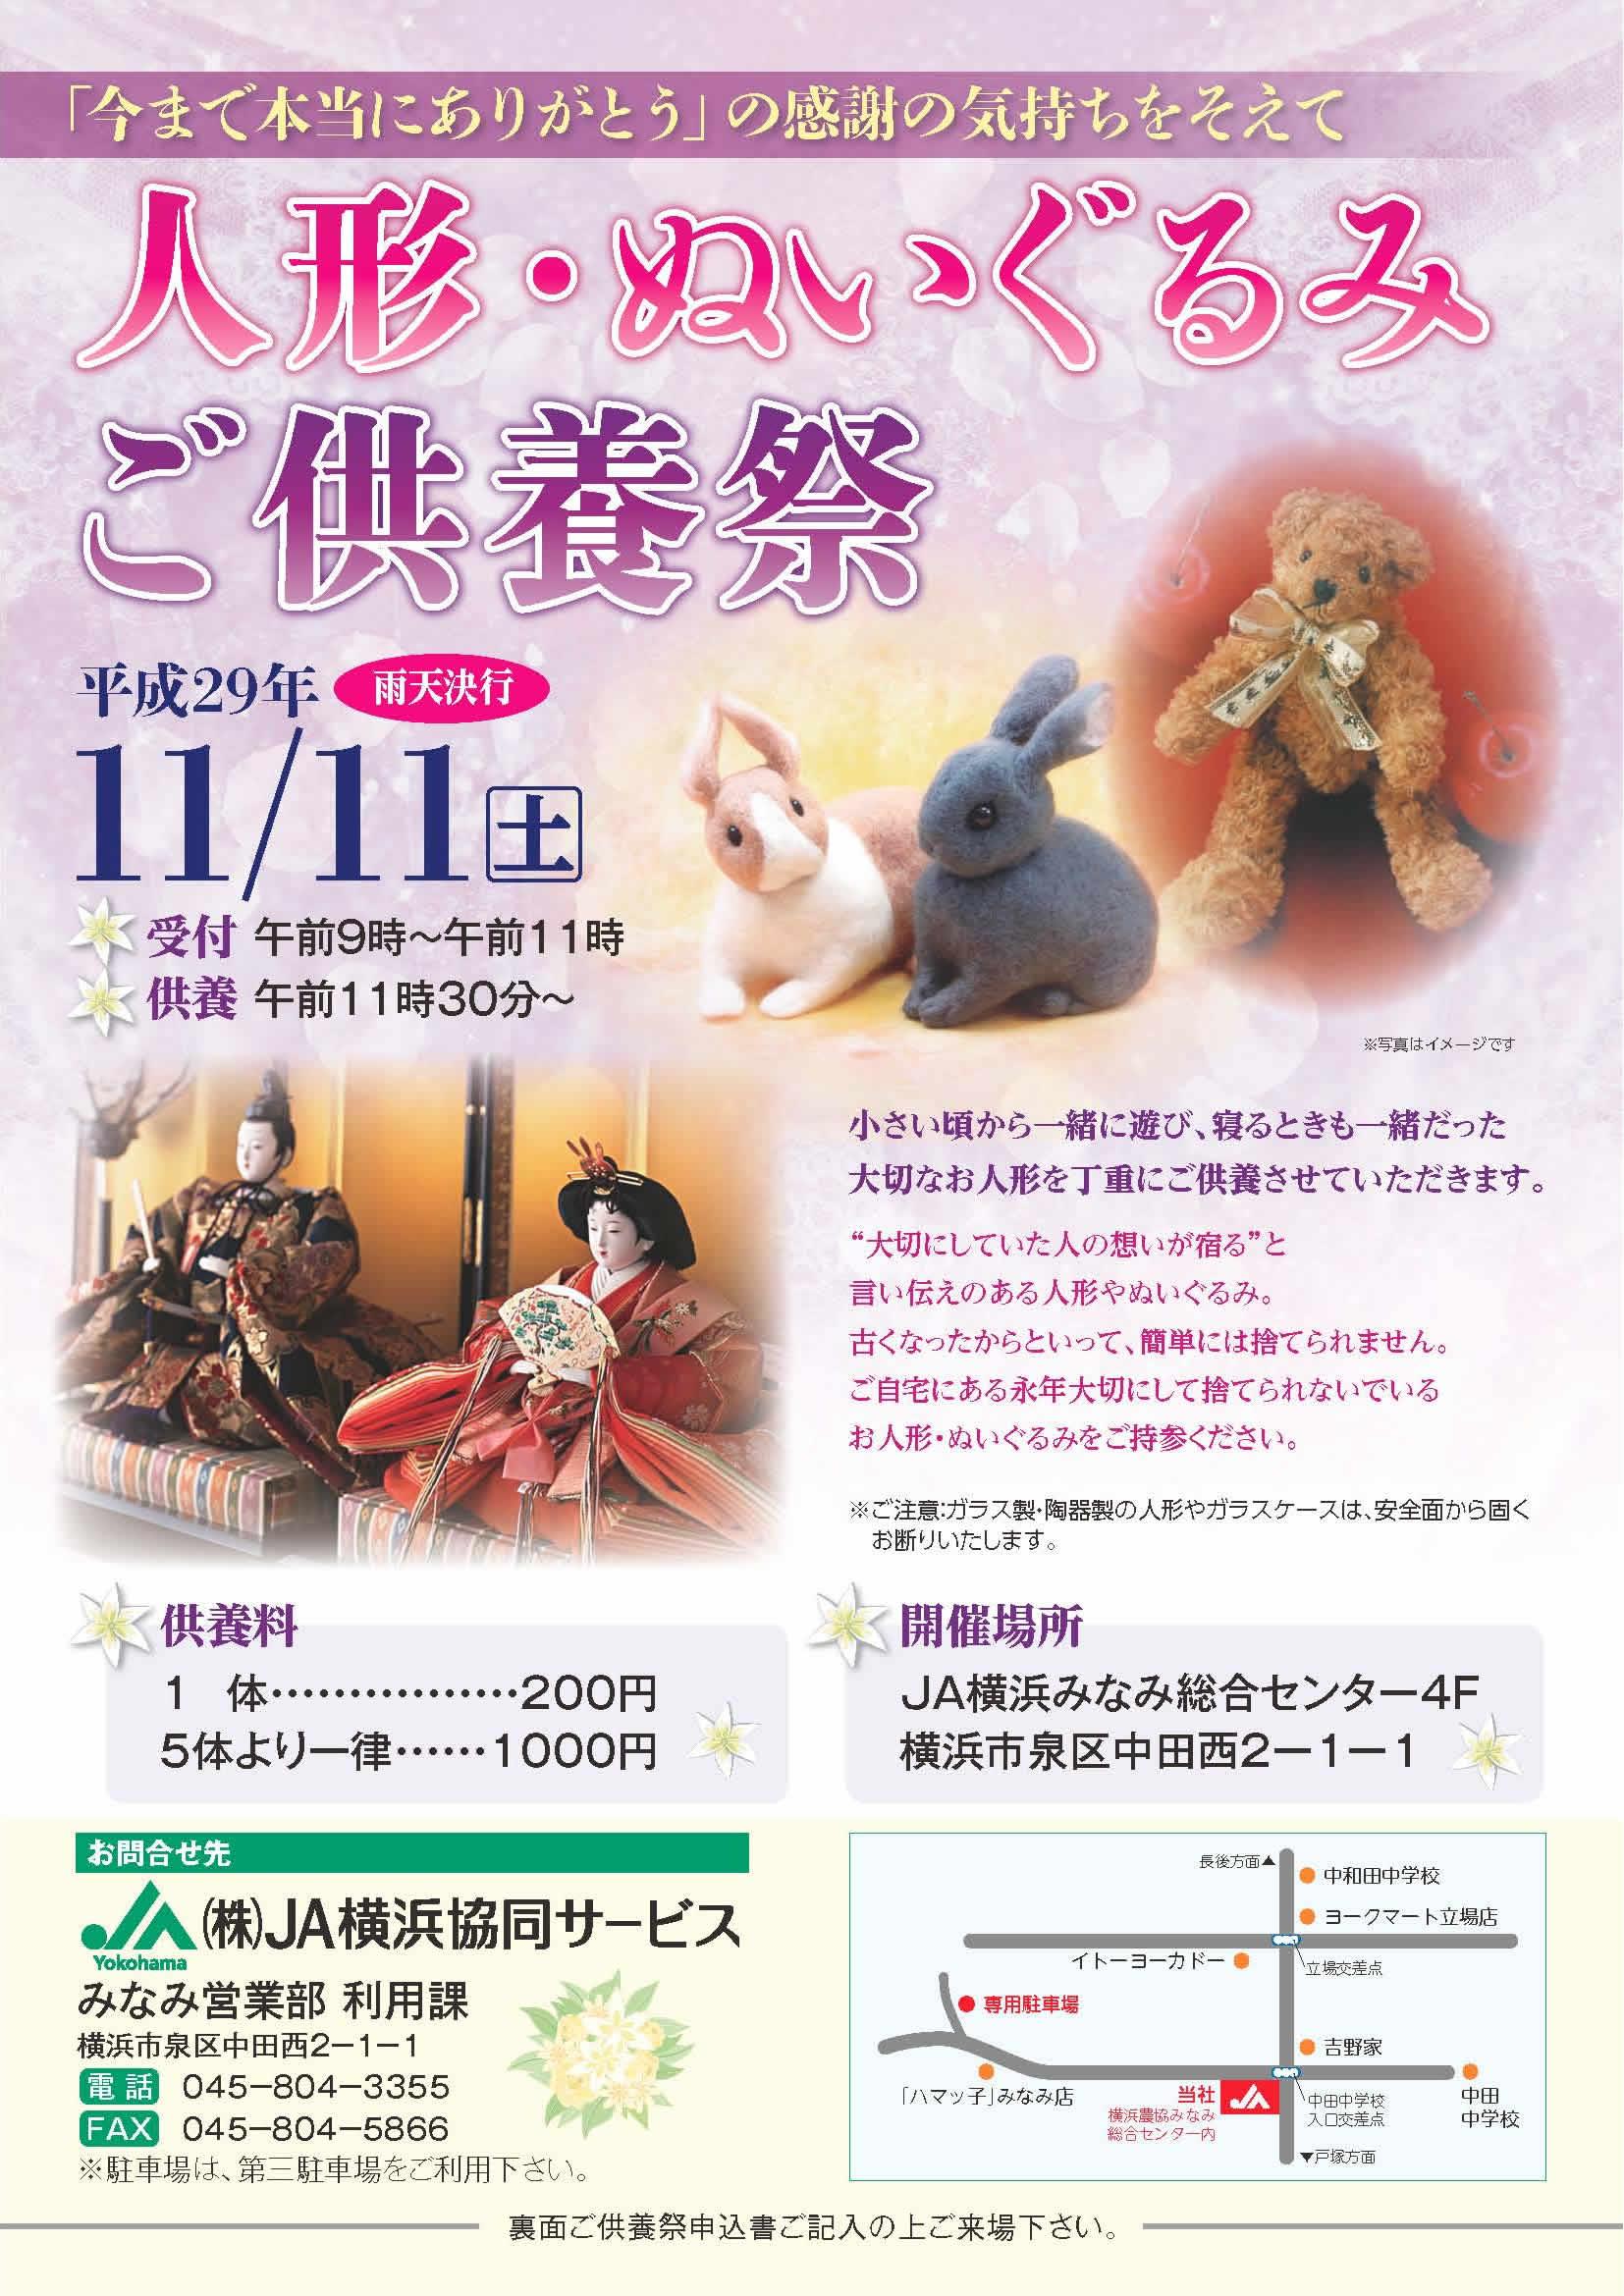 【H29.11.11(土)】(株)JA 横浜協同サービス  人形・ぬいぐるみご供養祭 表